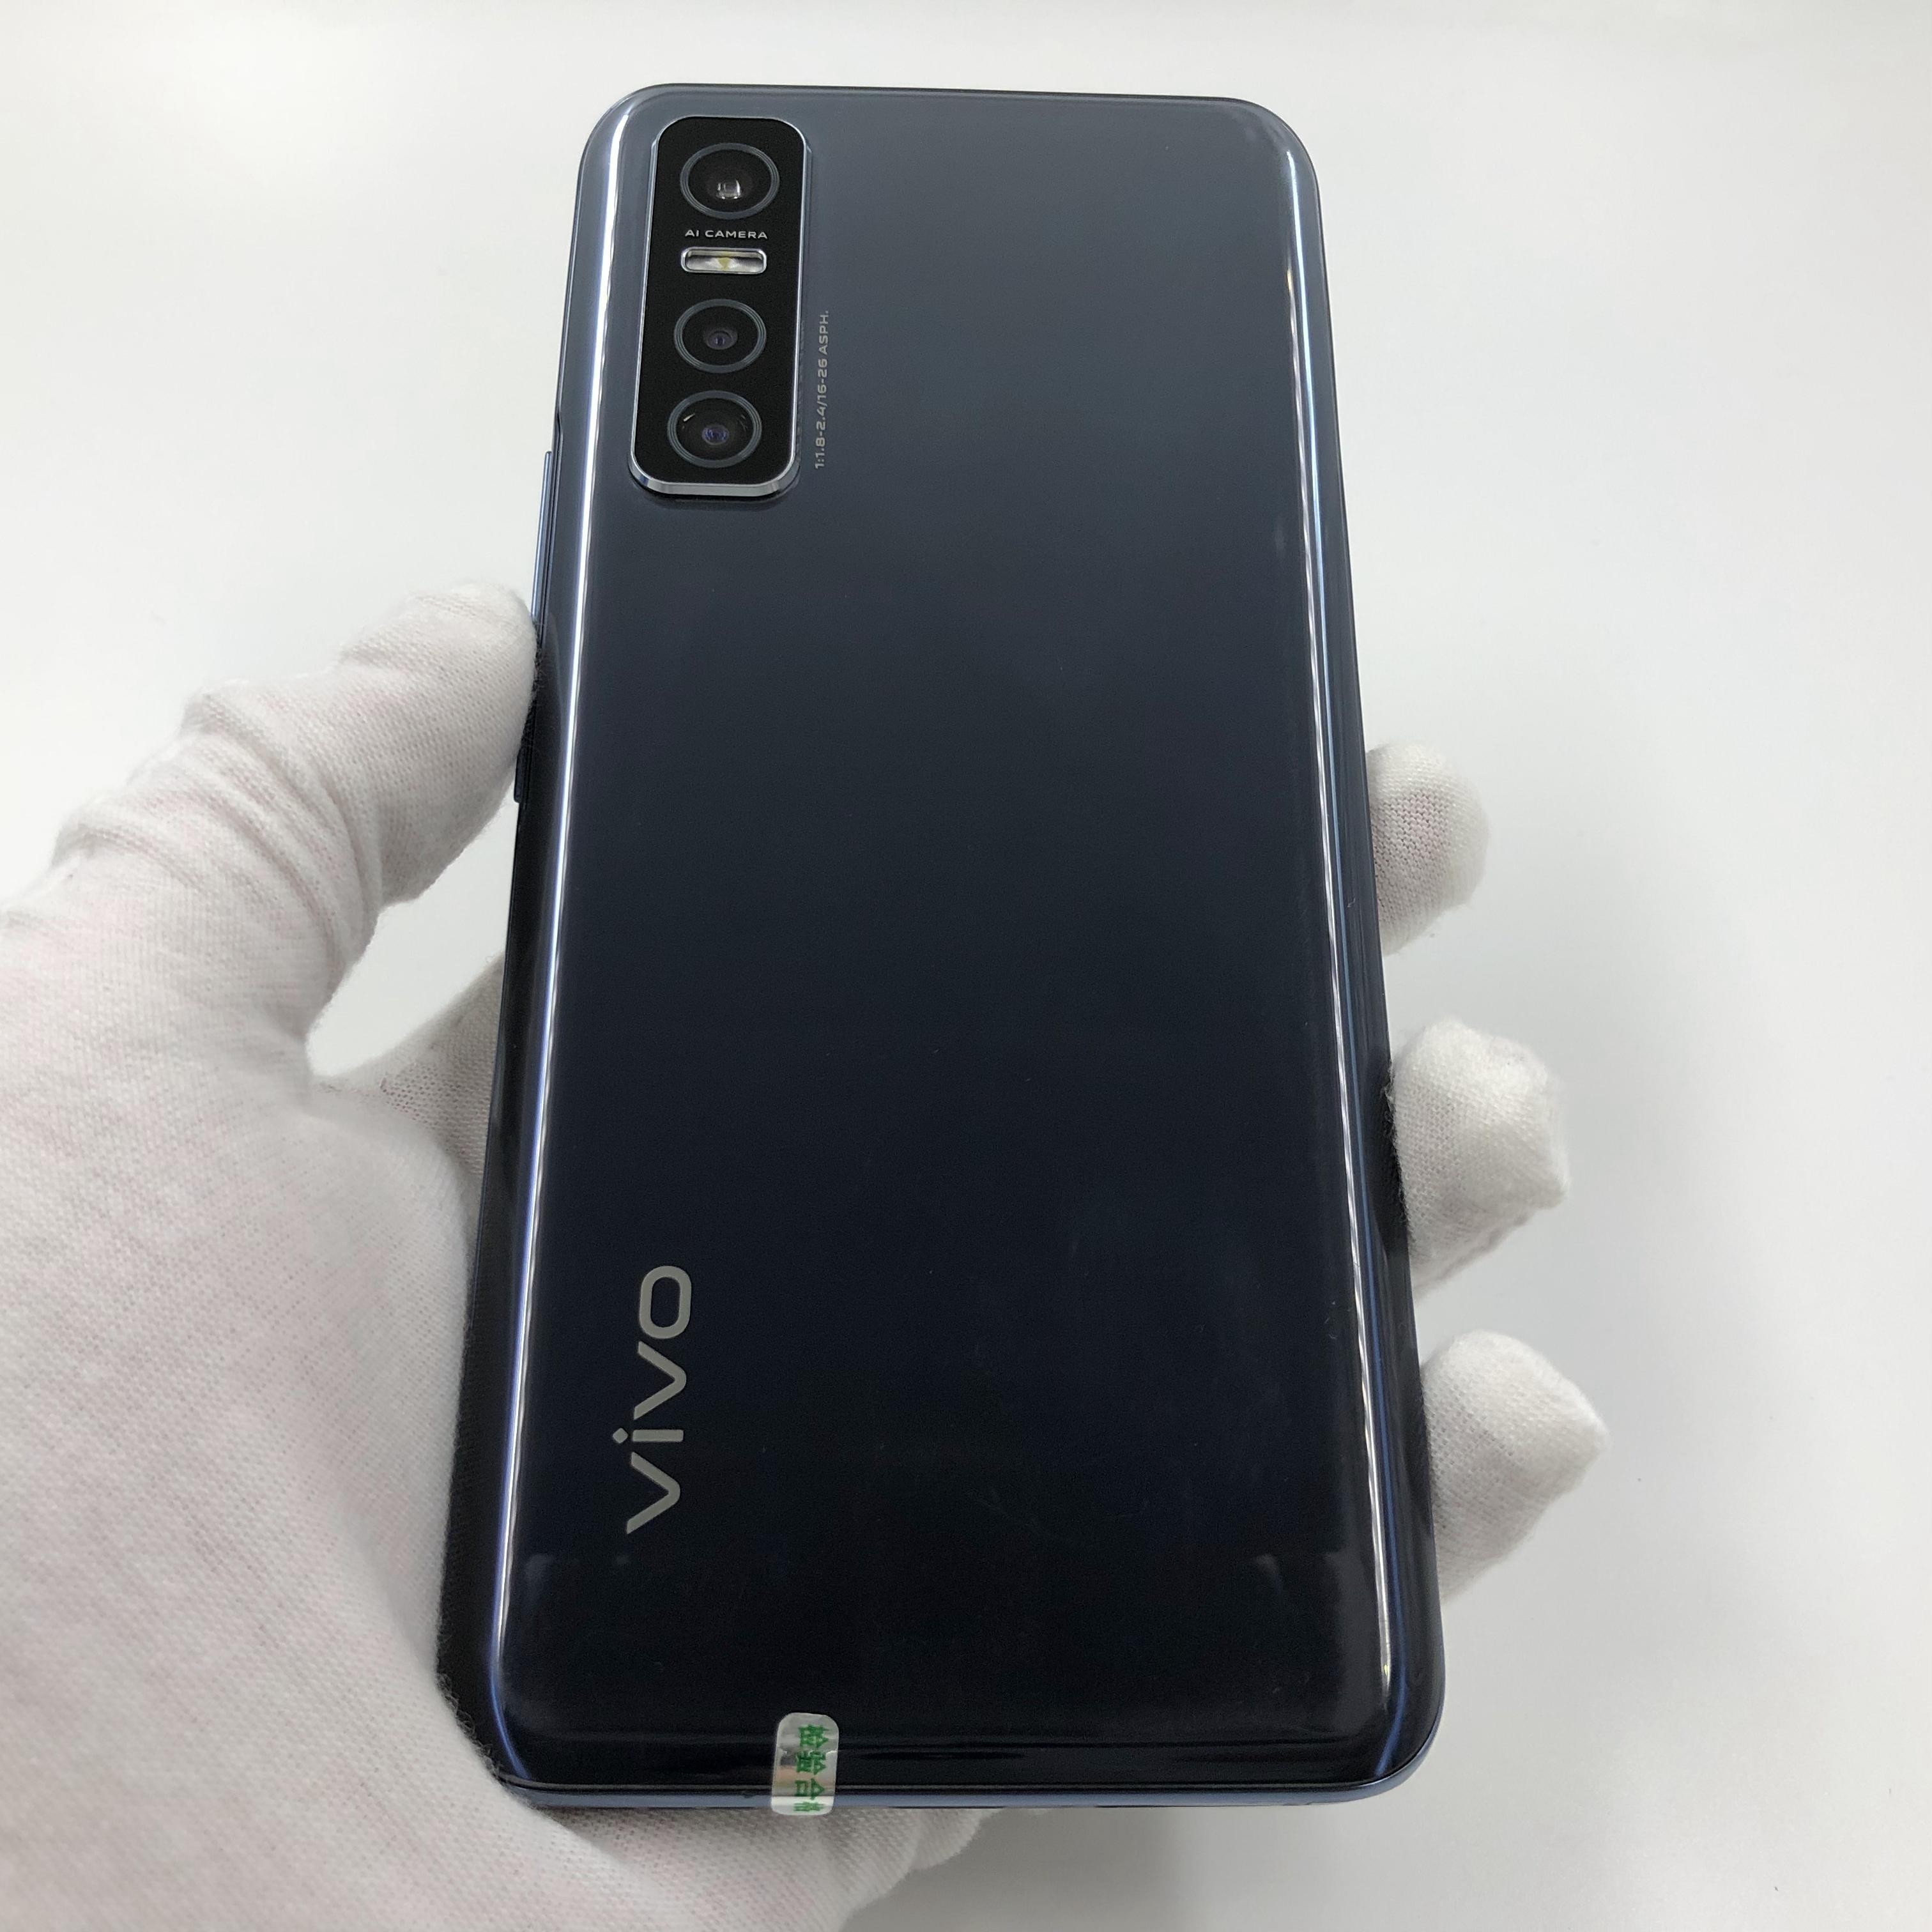 vivo【Y73s】5G全网通 黑镜 8G/128G 国行 9成新 真机实拍原包装盒+配件